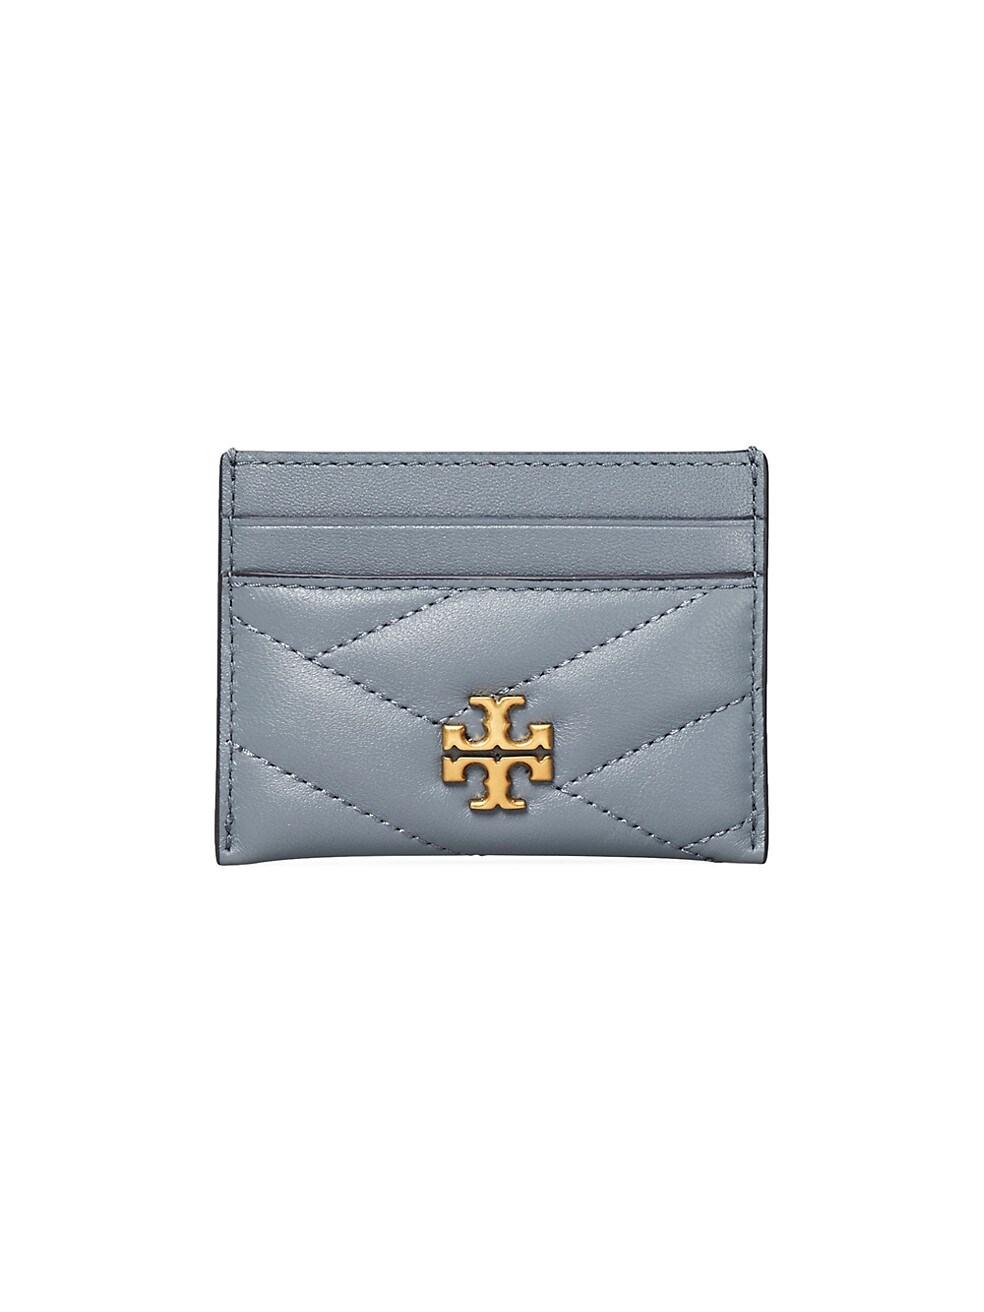 토리버치 카드 지갑 Tory Burch Kira Chevron Leather Card Case,RAINWATER